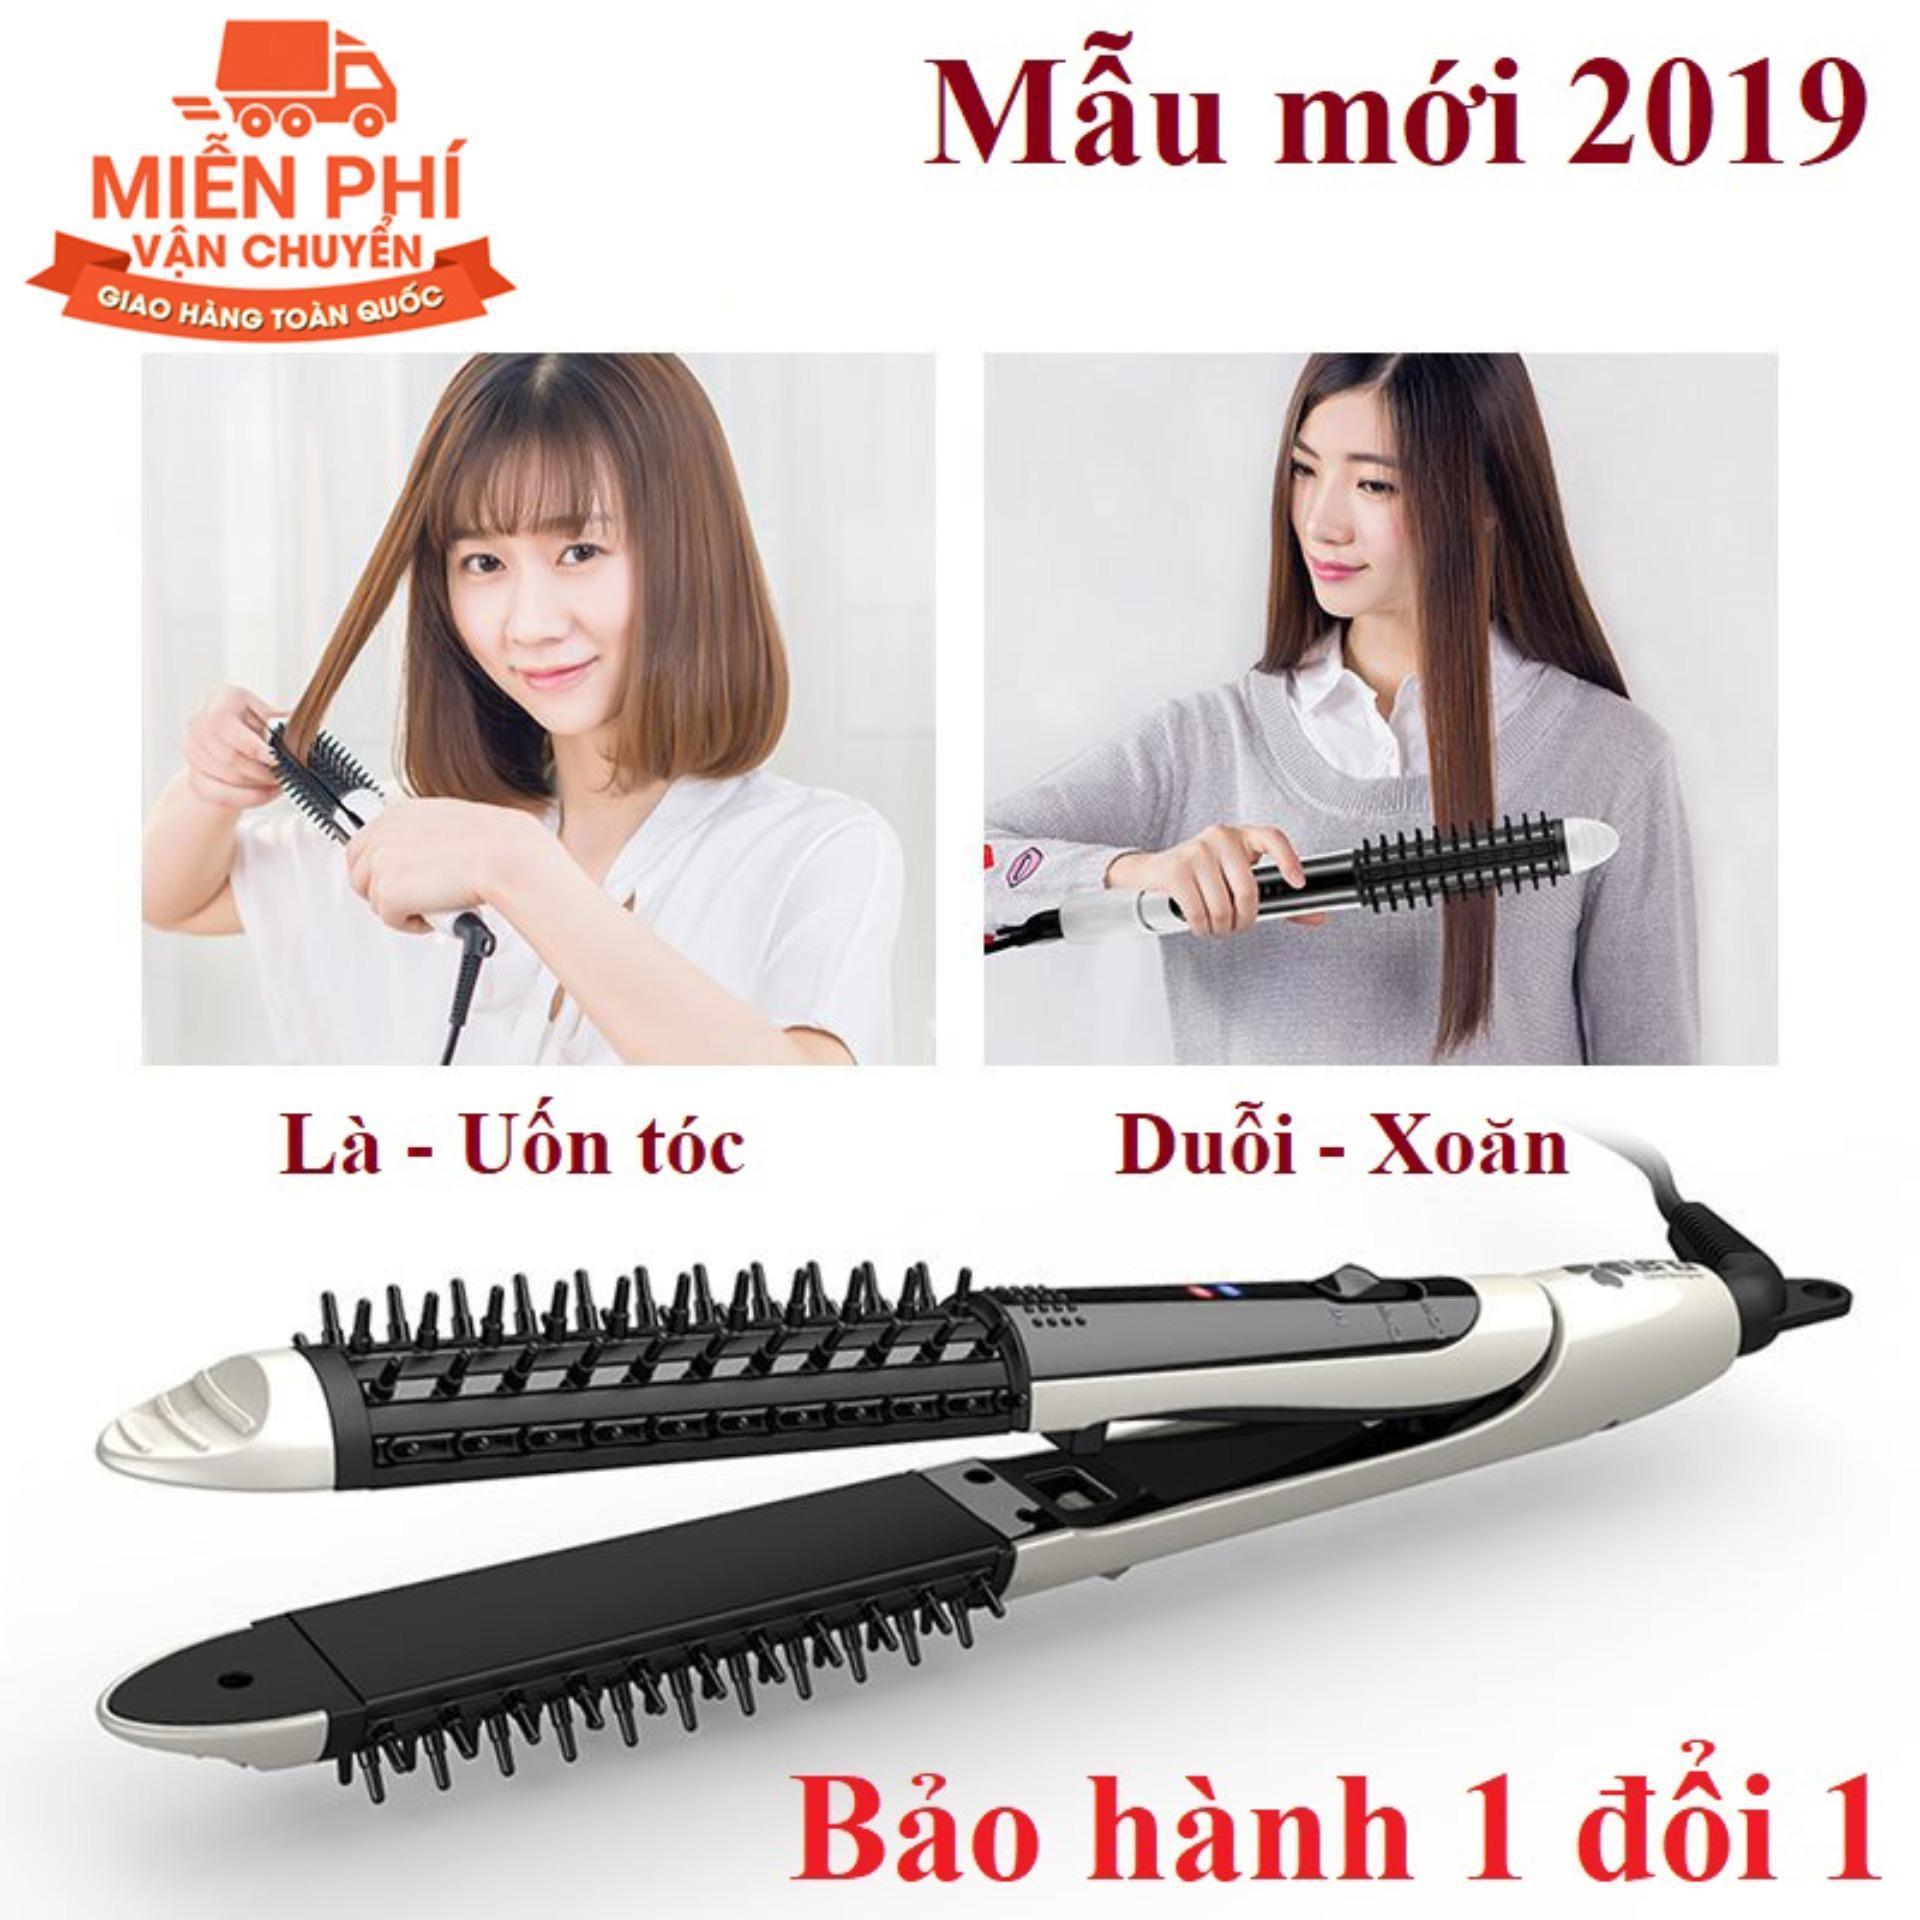 Giá máy là tóc - lược làm tóc đa năng - máy uấn tóc đa năng,mua máy uốn duỗi tóc đa năng cao cấp,có thể duỗi được tóc kèm thêm chức năng uốn xoăn vô cùng tiện ích,thiết kế nhỏ gọn,dễ dàng sử dụng